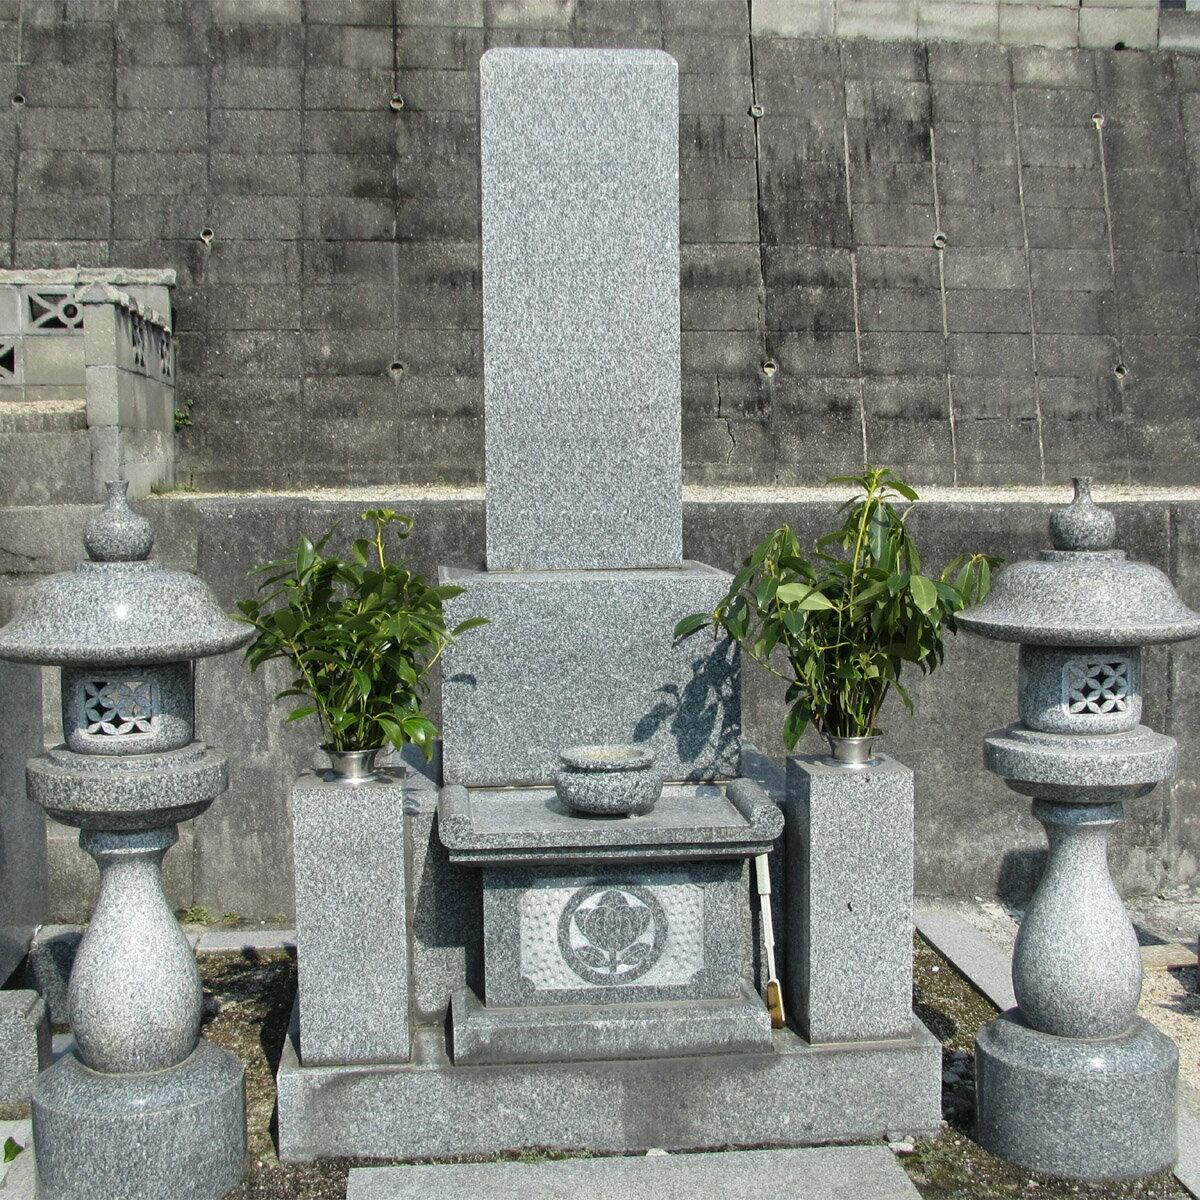 【ふるさと納税】大竹市内の墓地一区画清掃の代行と献花。大竹市シルバー人材センターの会員が心をこめて清掃し、生花をたむけます。